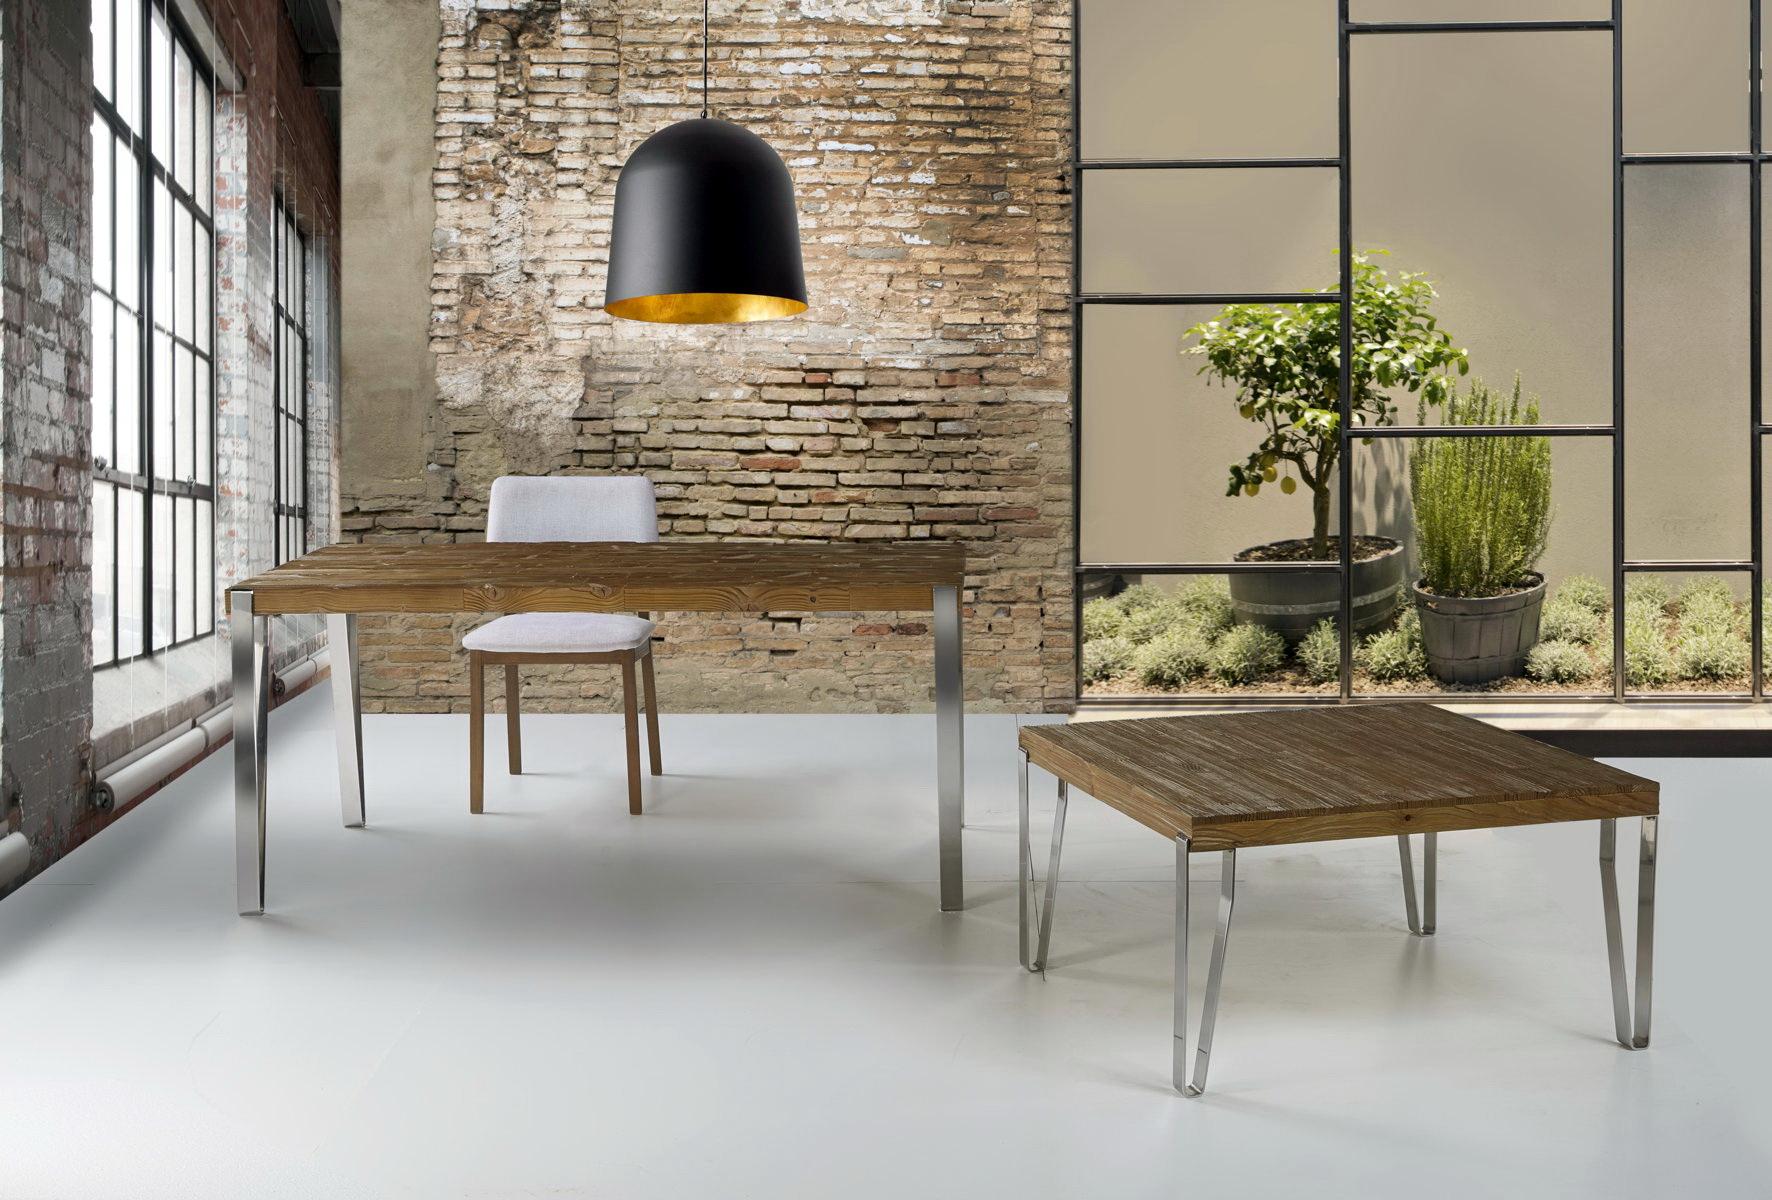 Mesas comedor estilo industrial by ecopin muebles anto n for Muebles de estilo industrial barato